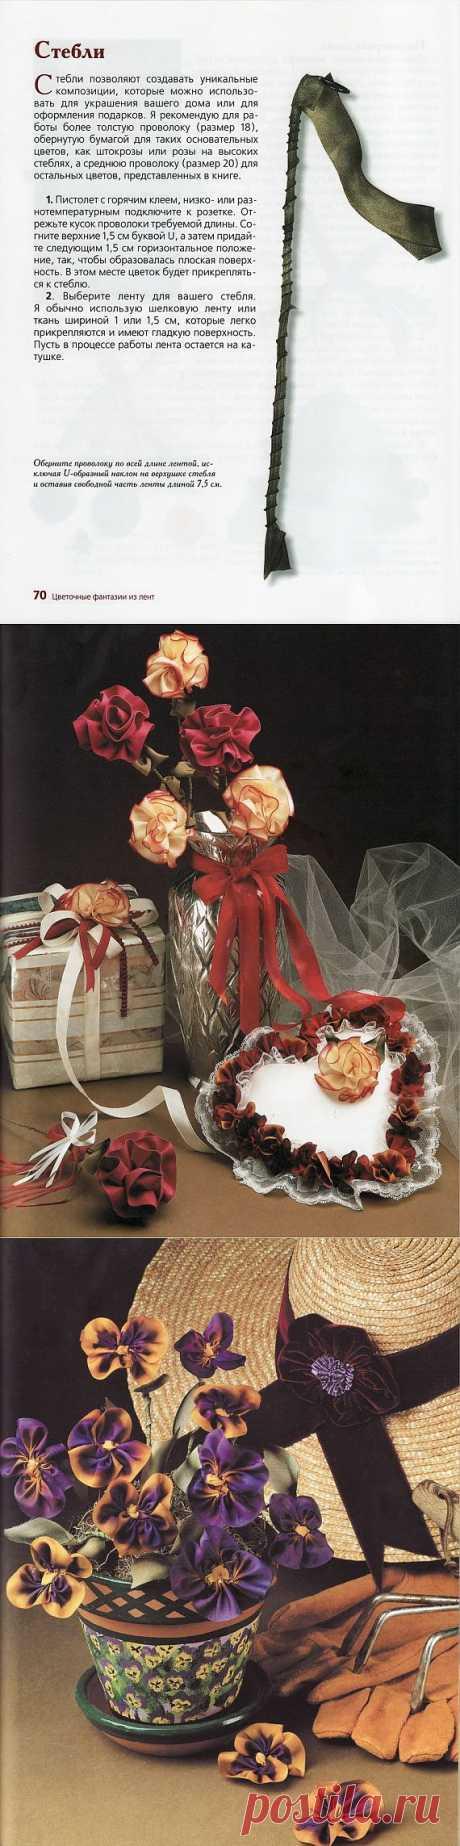 Книжечка про цветы из ткани / Цветы из ткани / PassionForum - мастер-классы по рукоделию